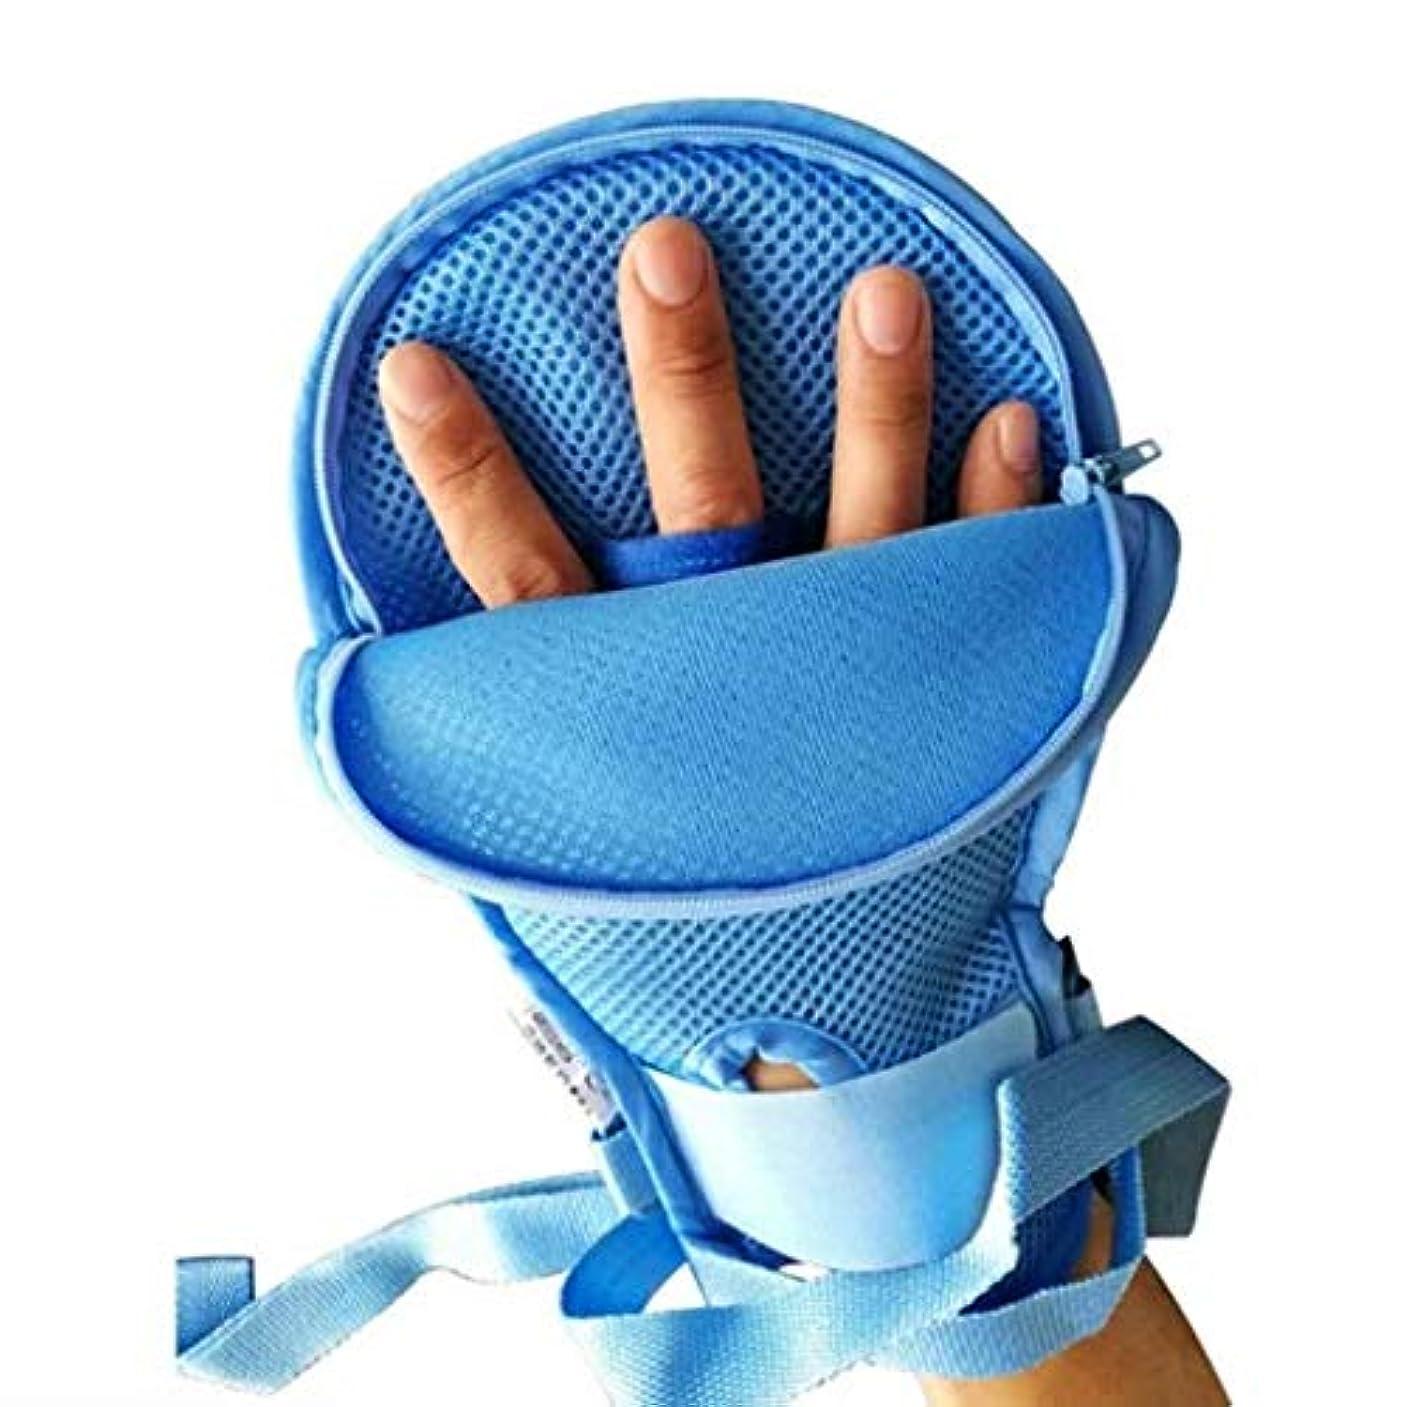 反論者ゲーム注目すべき認知症用手袋安全手袋、病院用医療用手袋、予防患者の自己傷害 (Color : Single pack)